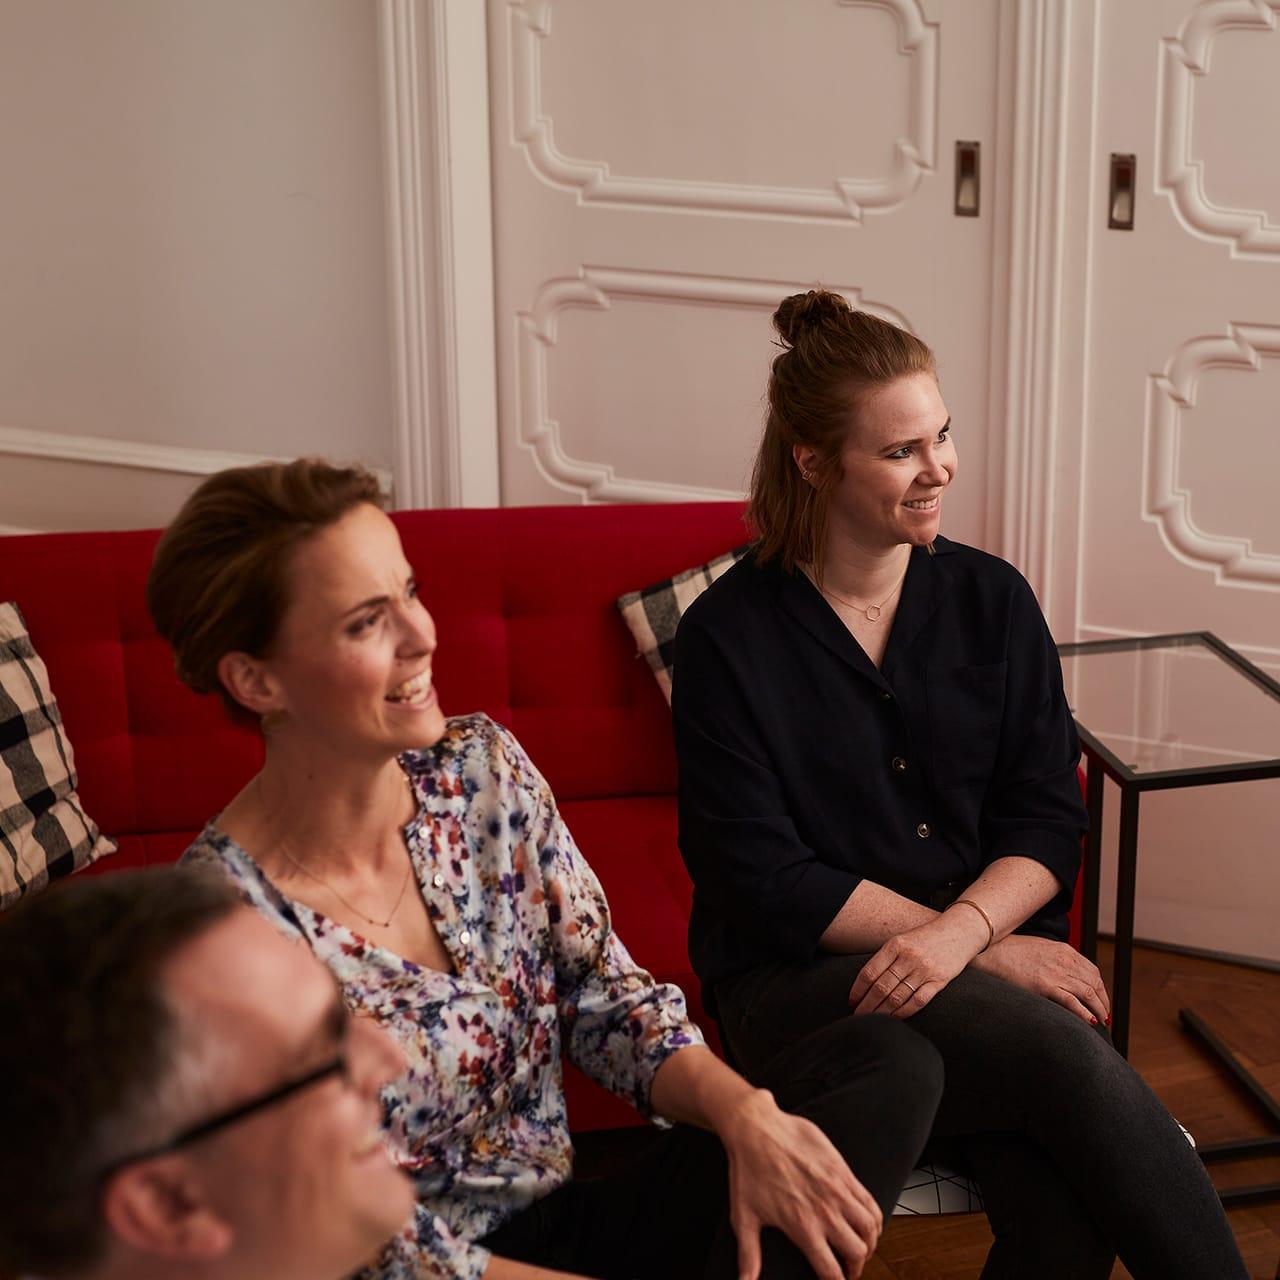 Teilnehmerinnen und Teilnehmer eines Präsentations Workshops